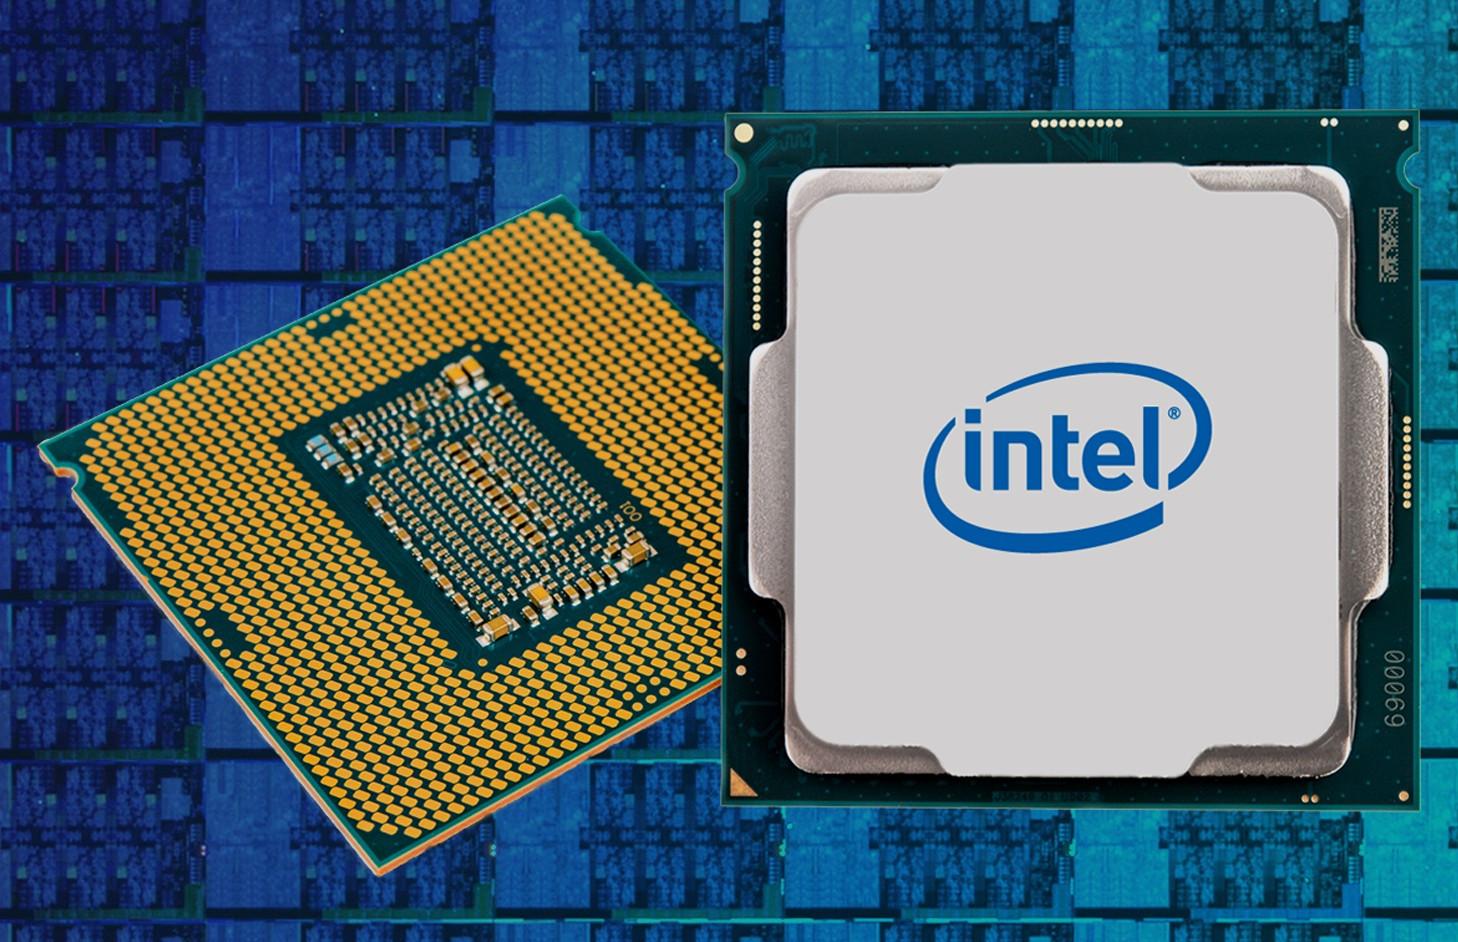 Intel-ը պատրաստվում է իջեցնել պրոցեսորների գները, որպեսզի մրցակցի AMD-ի հետ